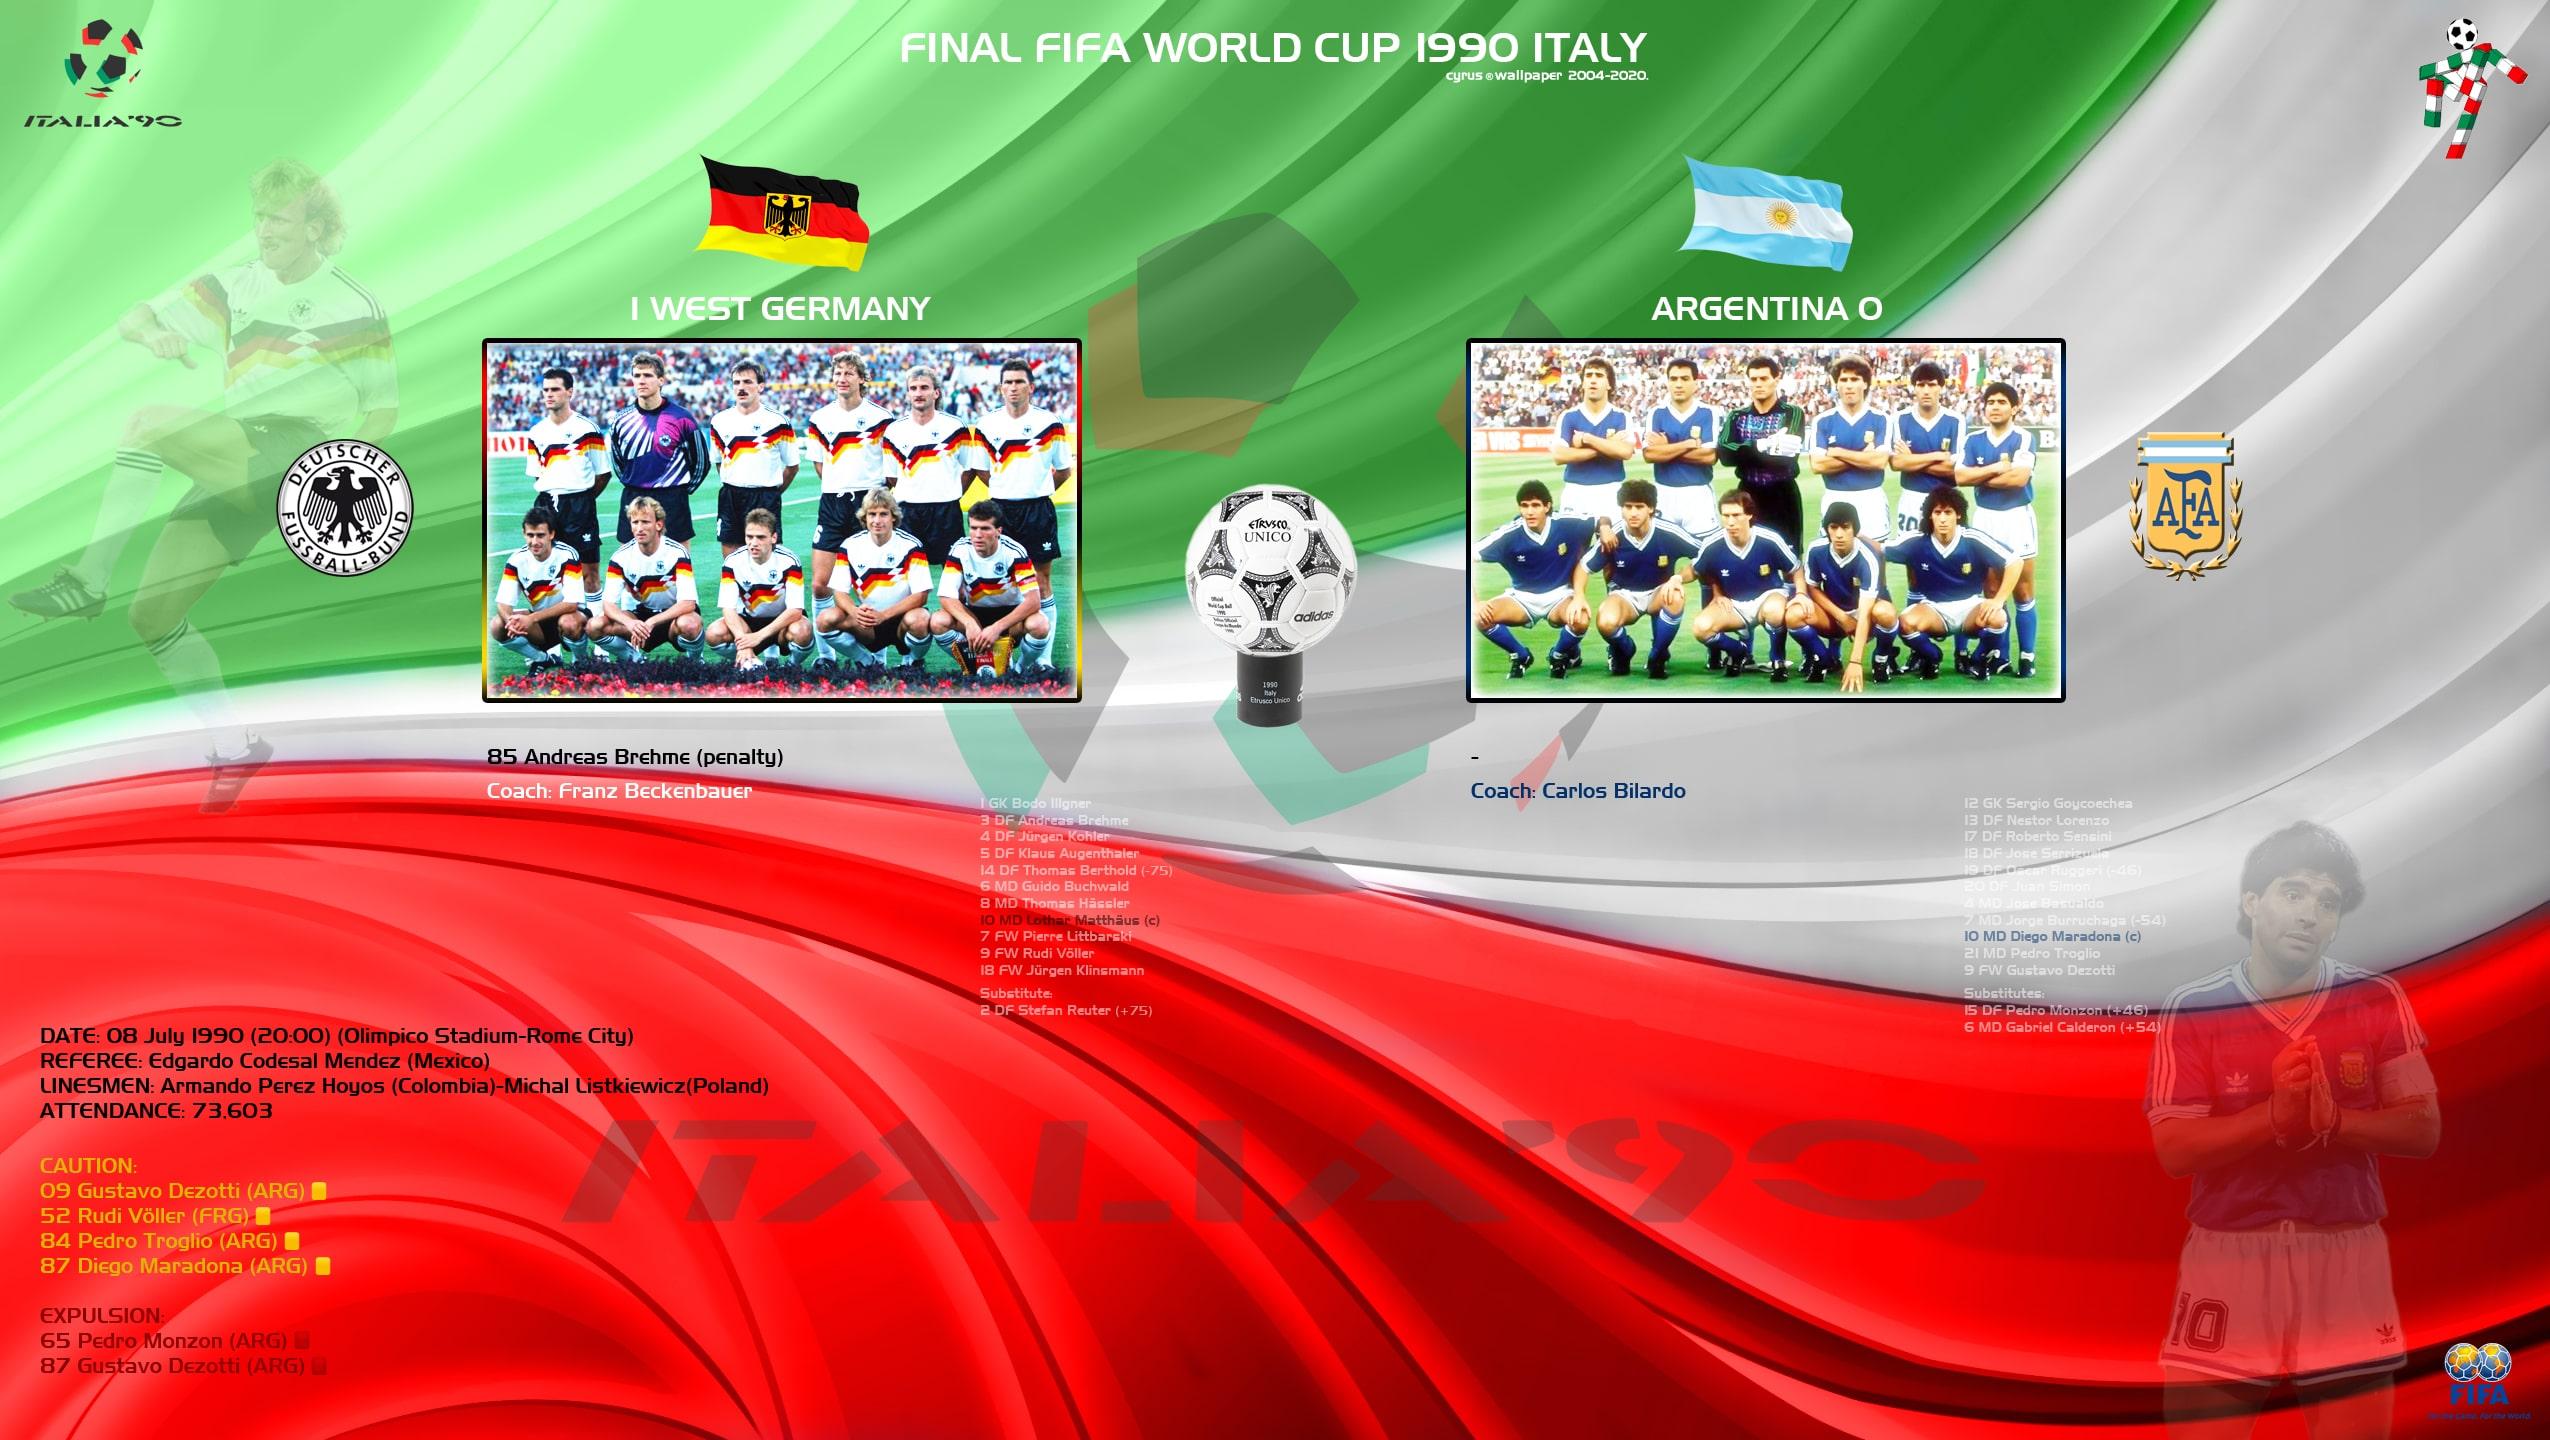 والپیپر فینال جام جهانی 1990 ایتالیا